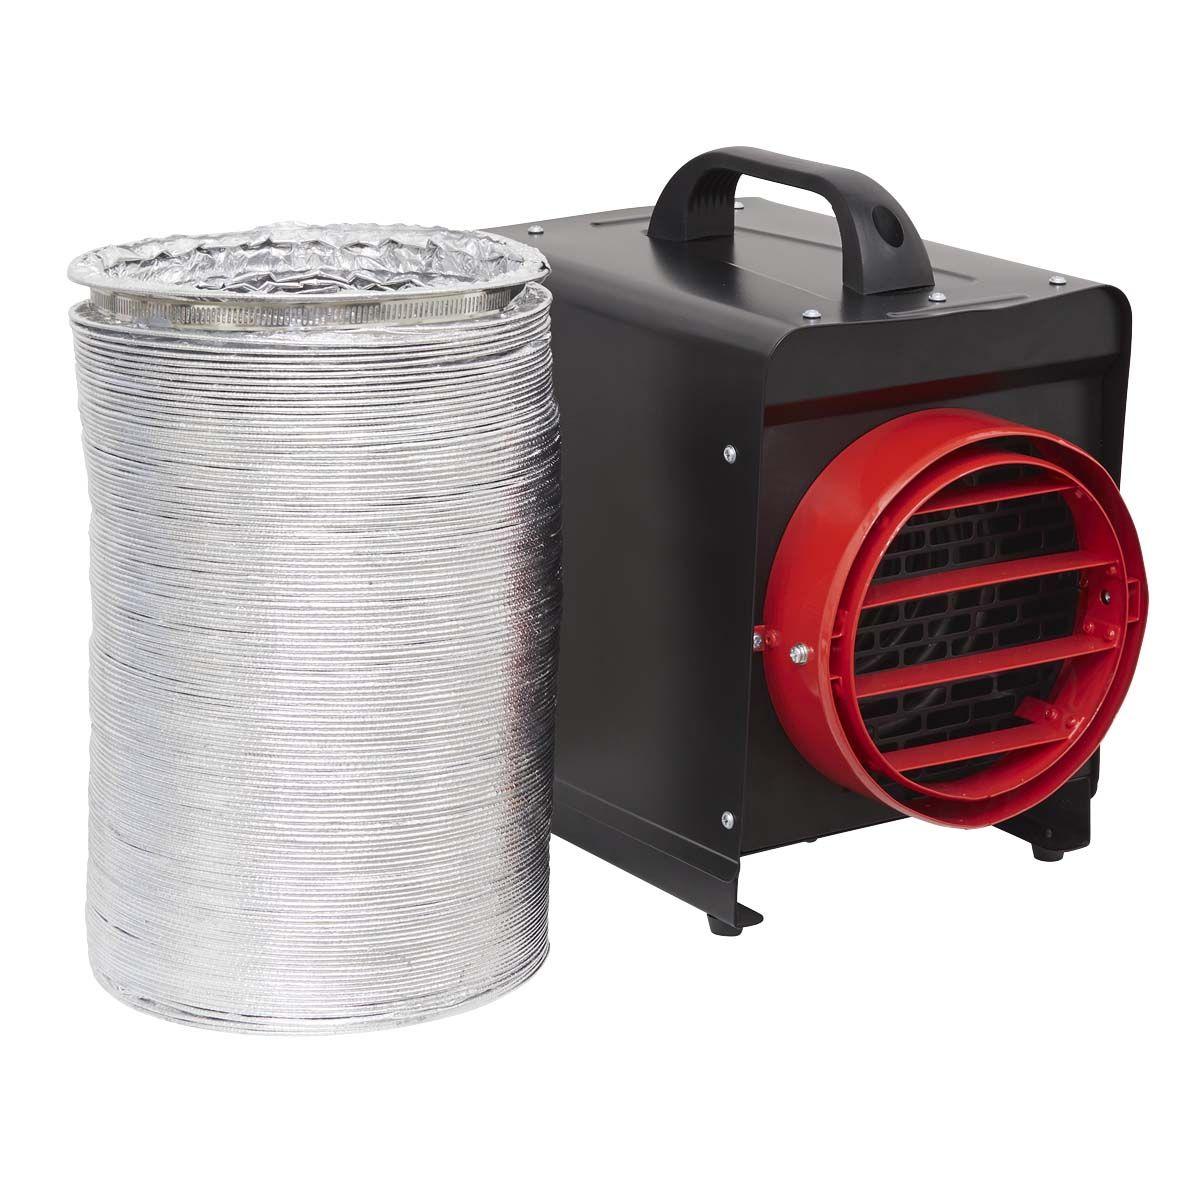 Sealey DEH3001 Industrial 3kW Fan Heater 230v